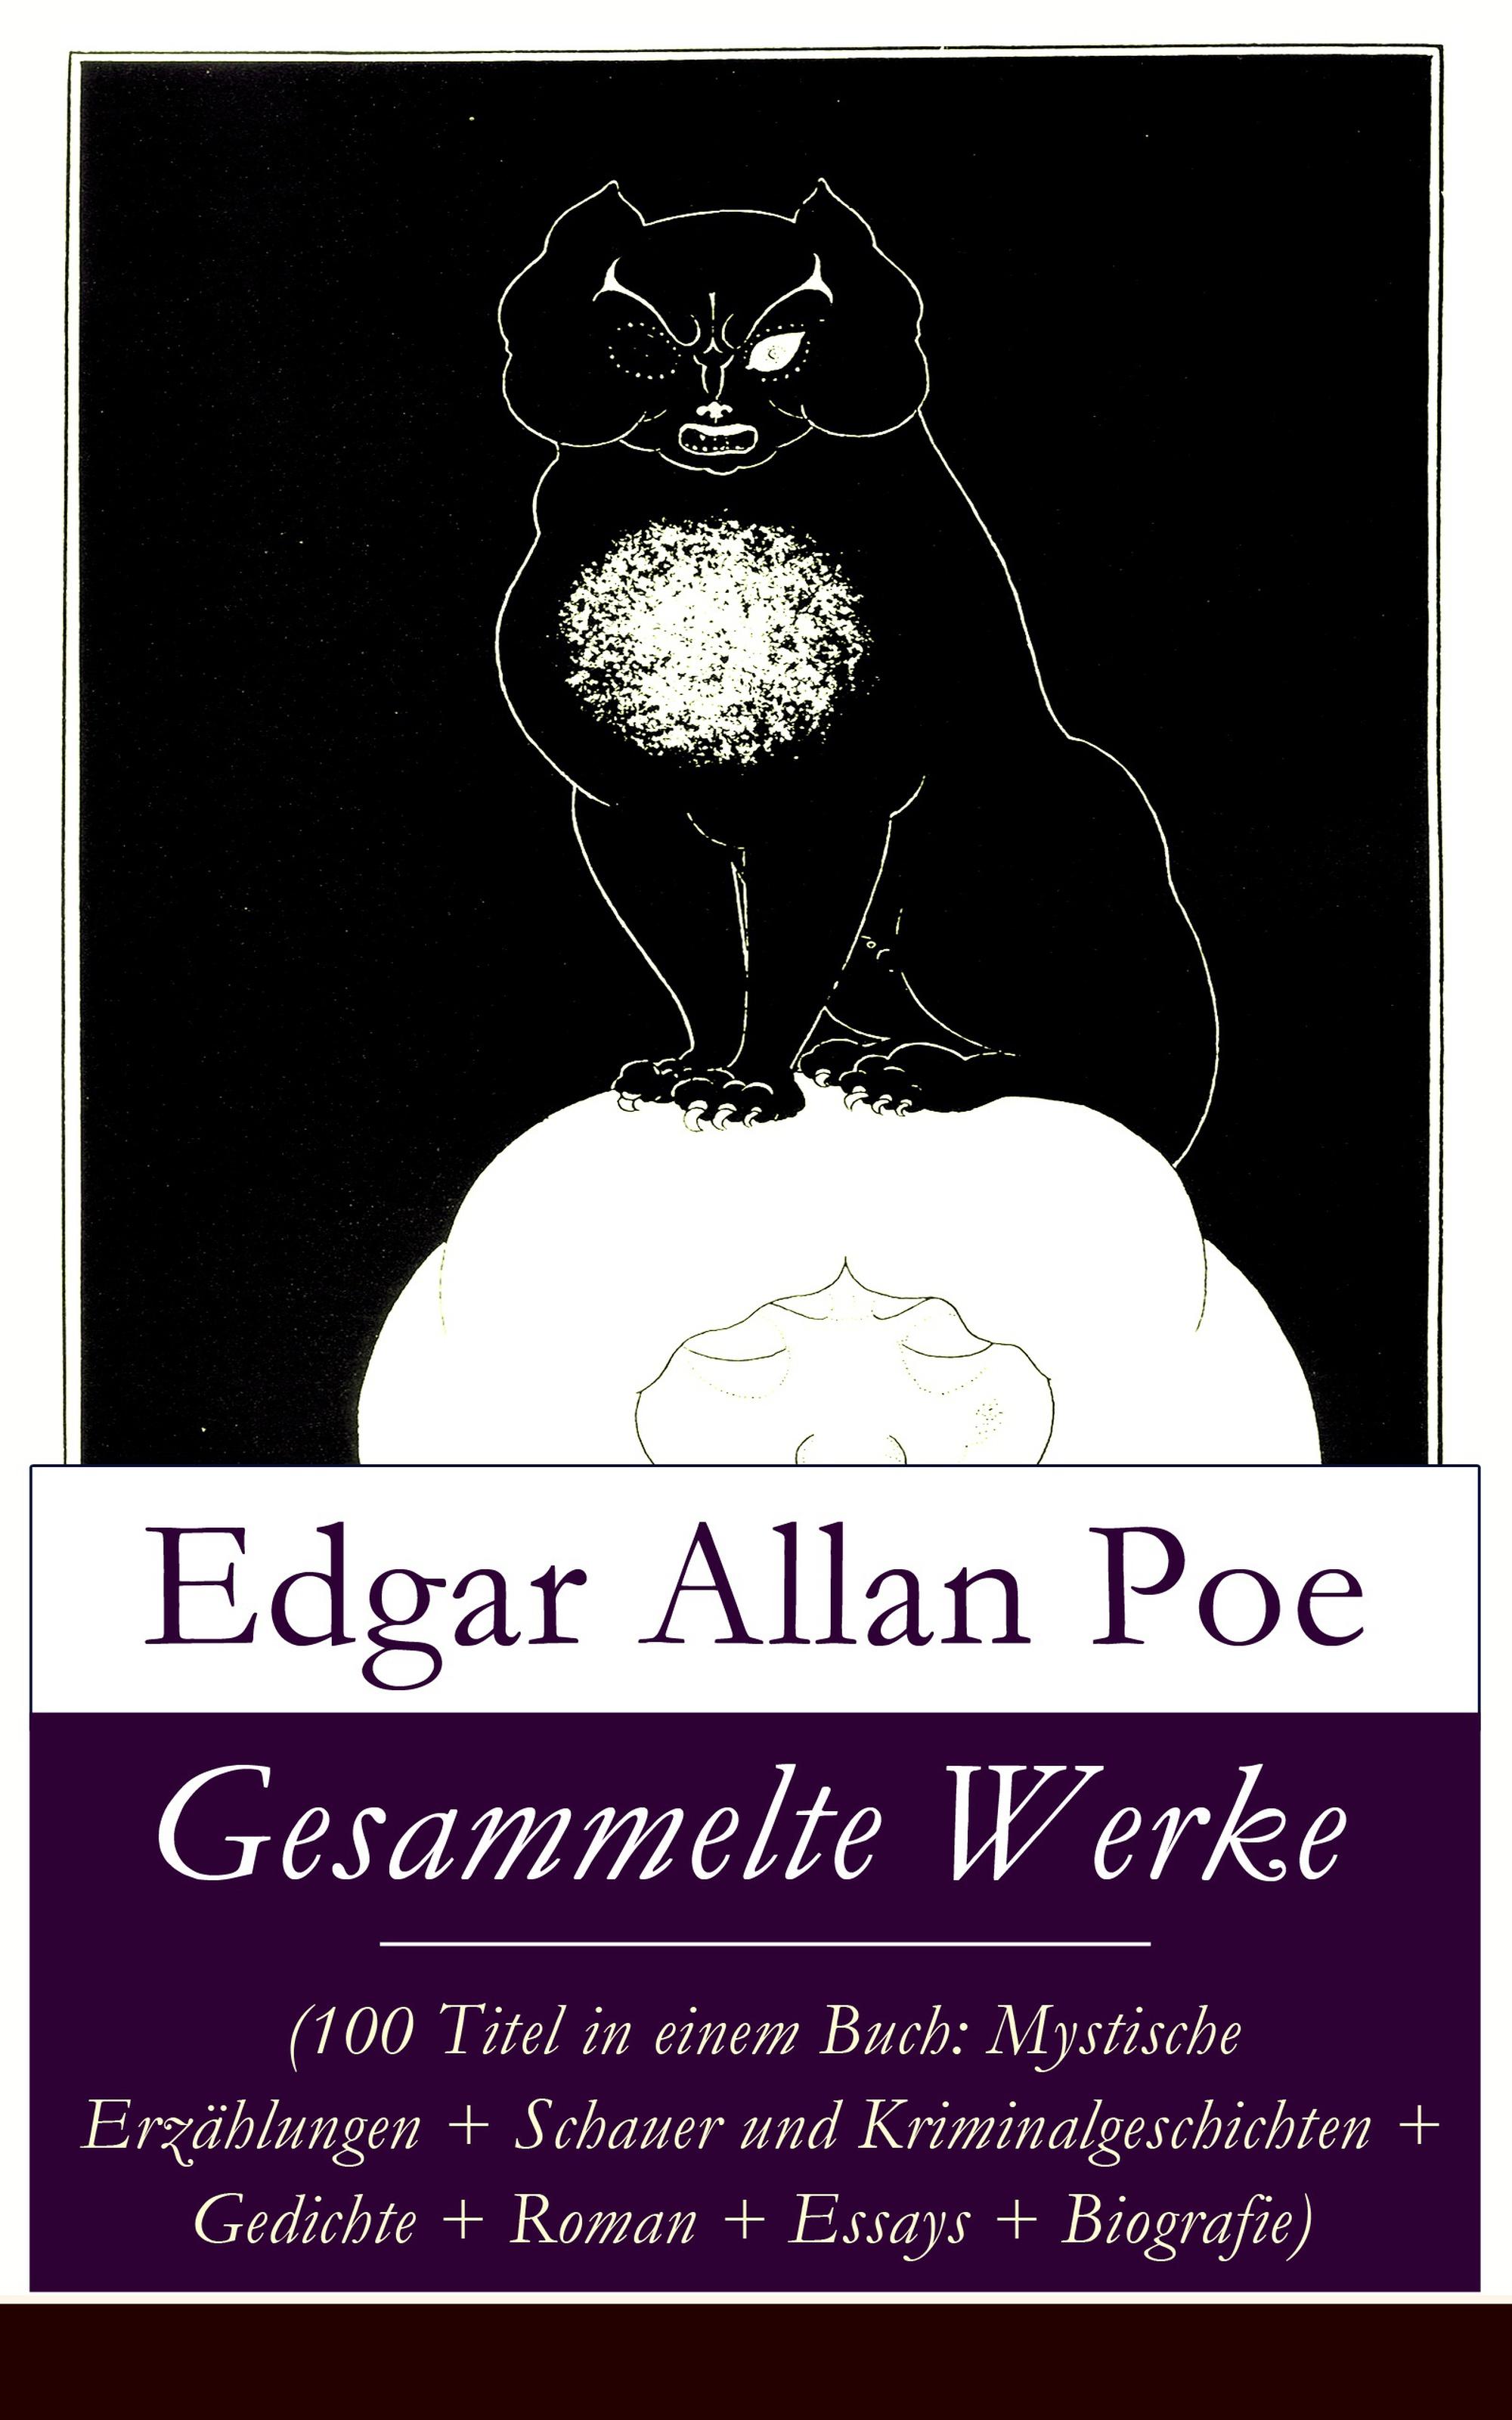 gesammelte werke 100 titel in einem buch mystische erzahlungen schauer und kriminalgeschichten gedichte roman biografie